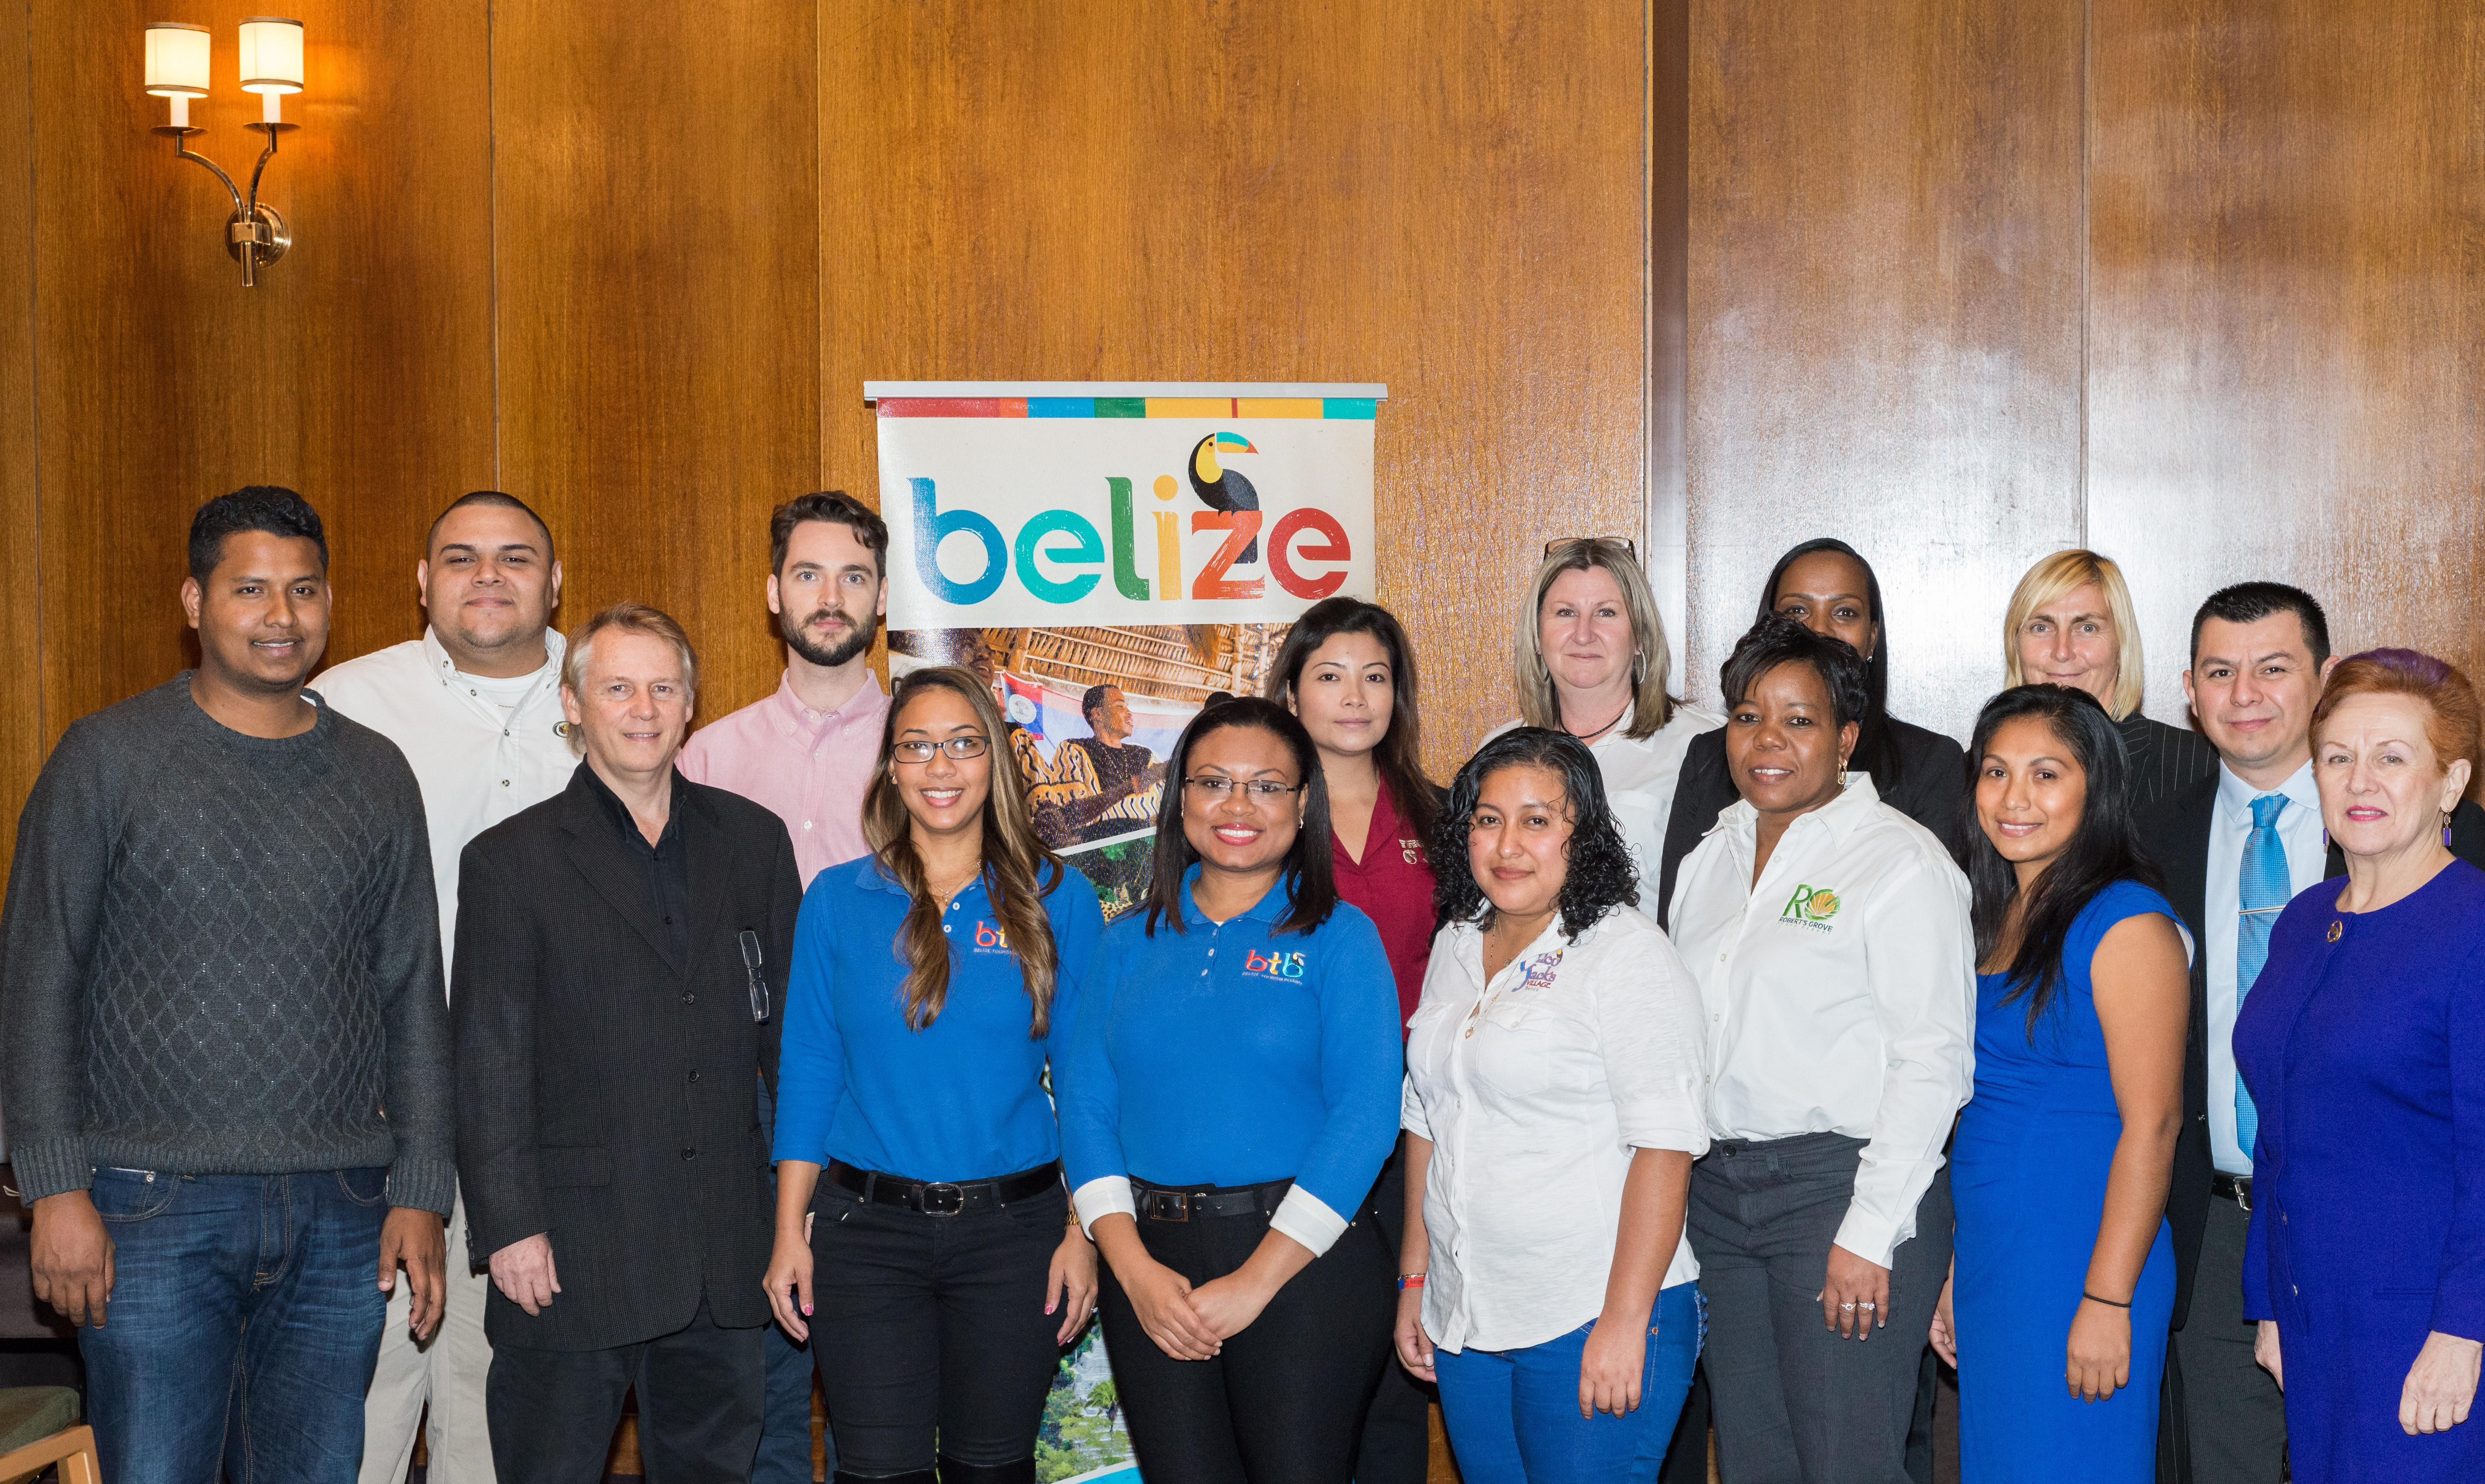 Le Belize, là où Jacques Cousteau rencontre Indiana Jones